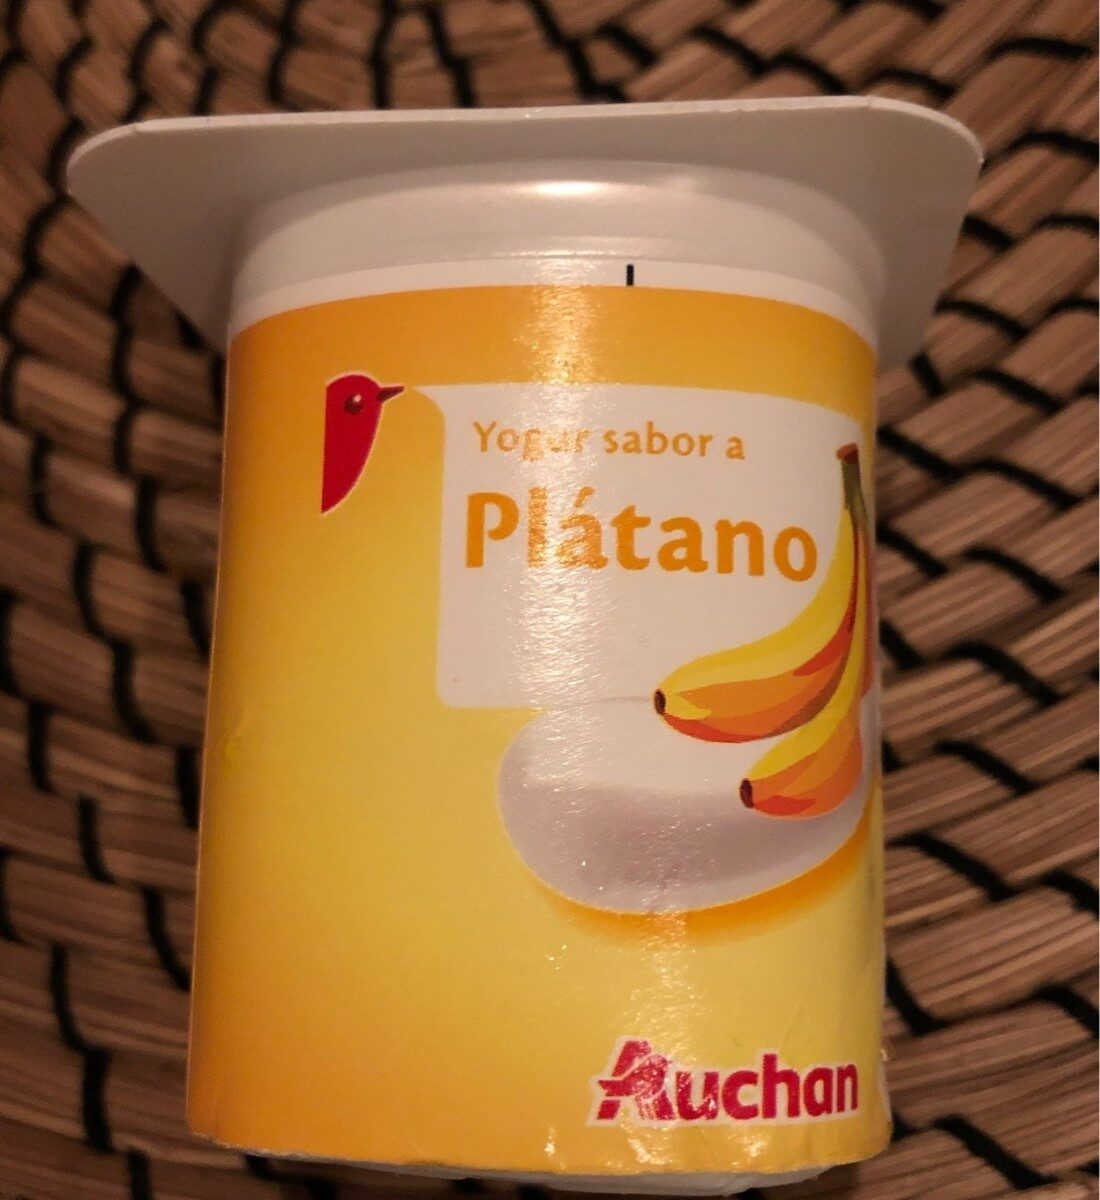 Yogur sabor a Plátano - Producte